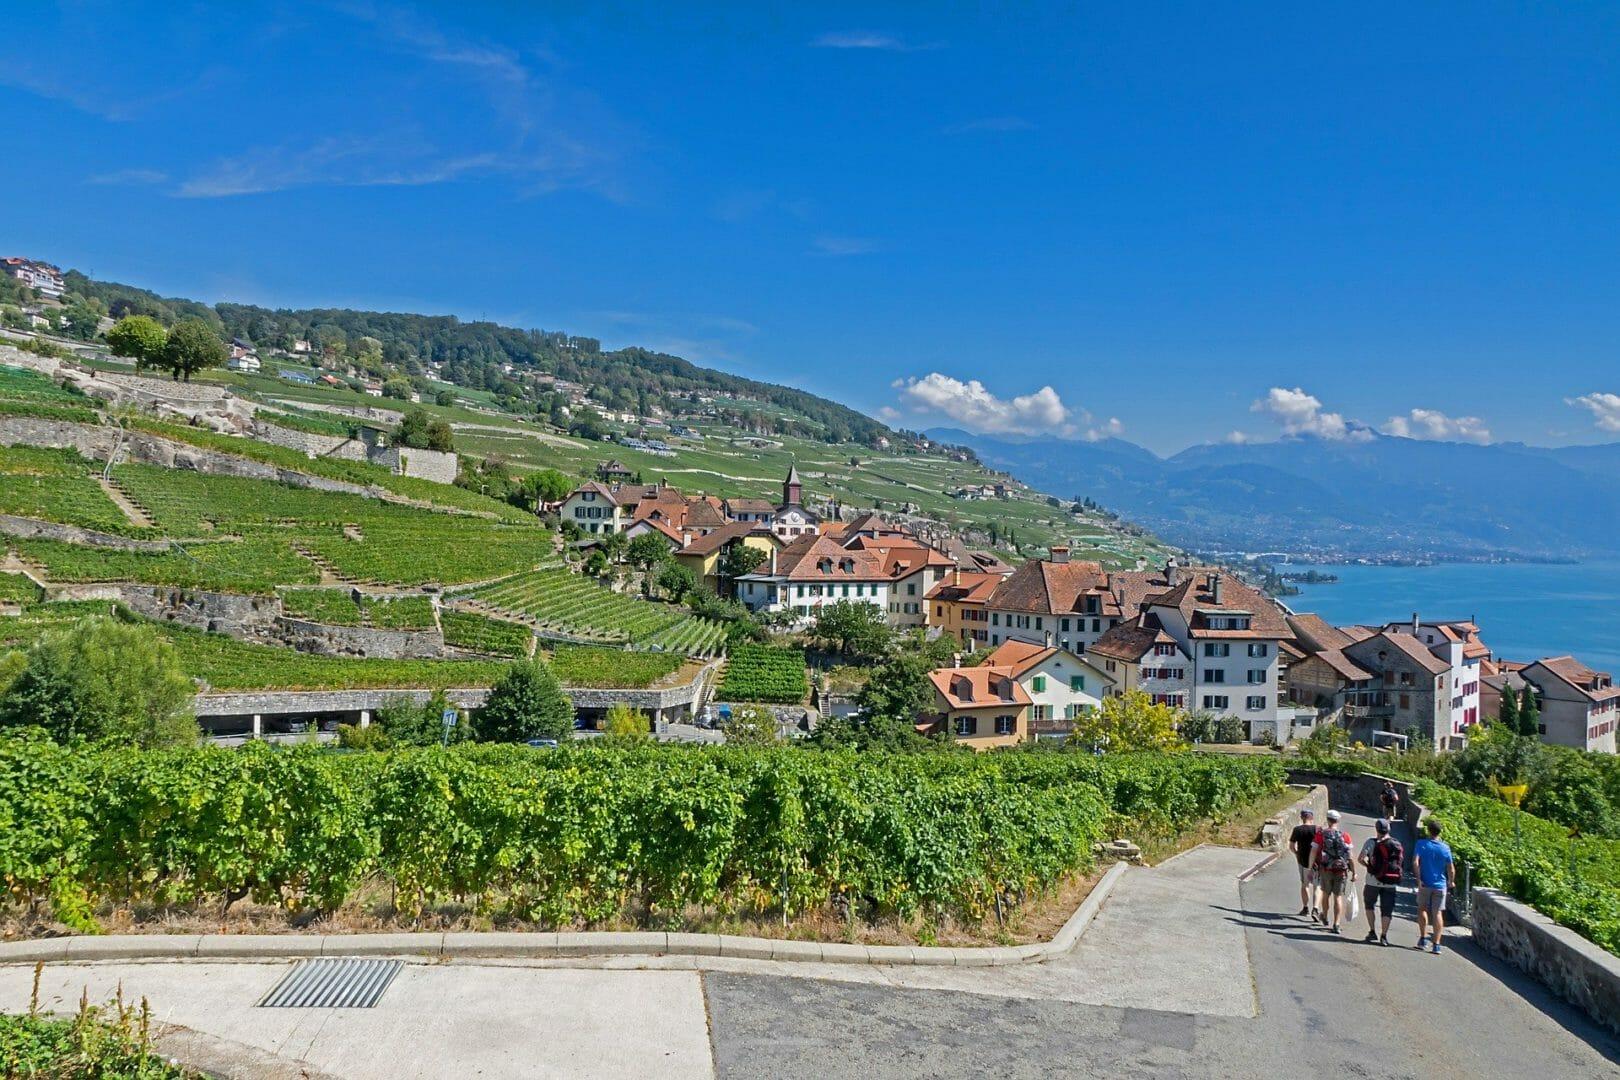 Randonnée en Suisse dans les Terrasses du Lavaux